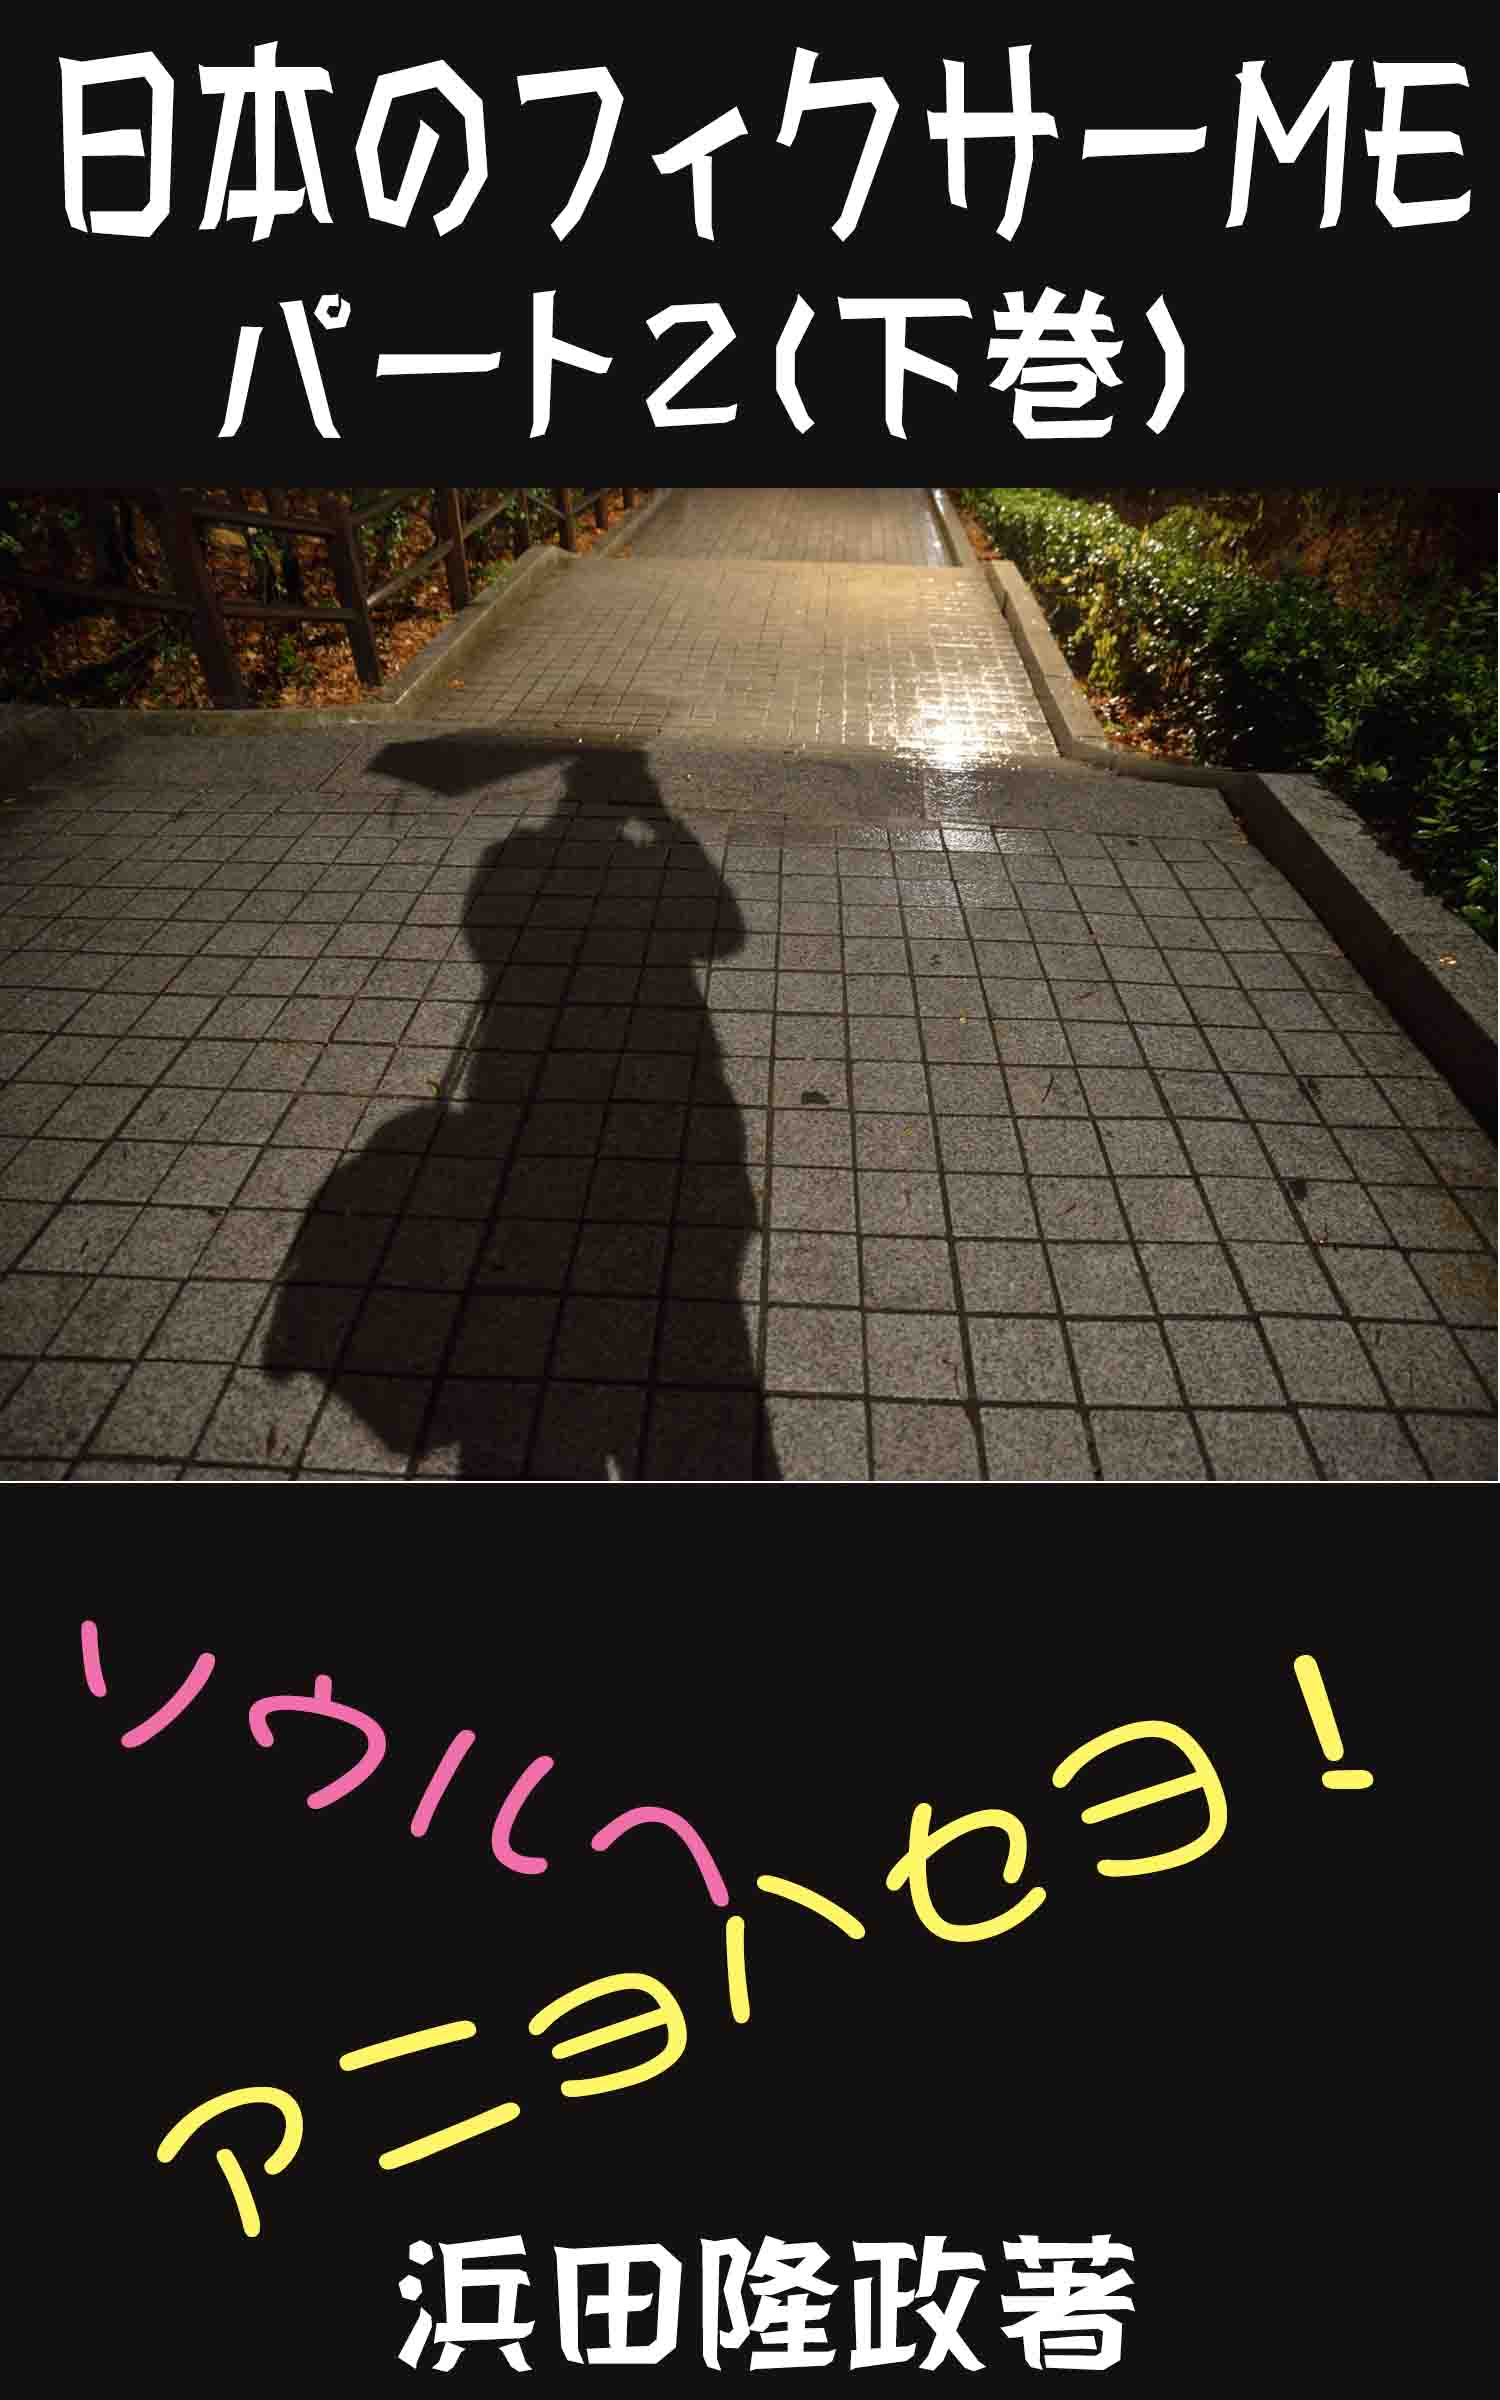 日本のフィクサーME・パート2(下)